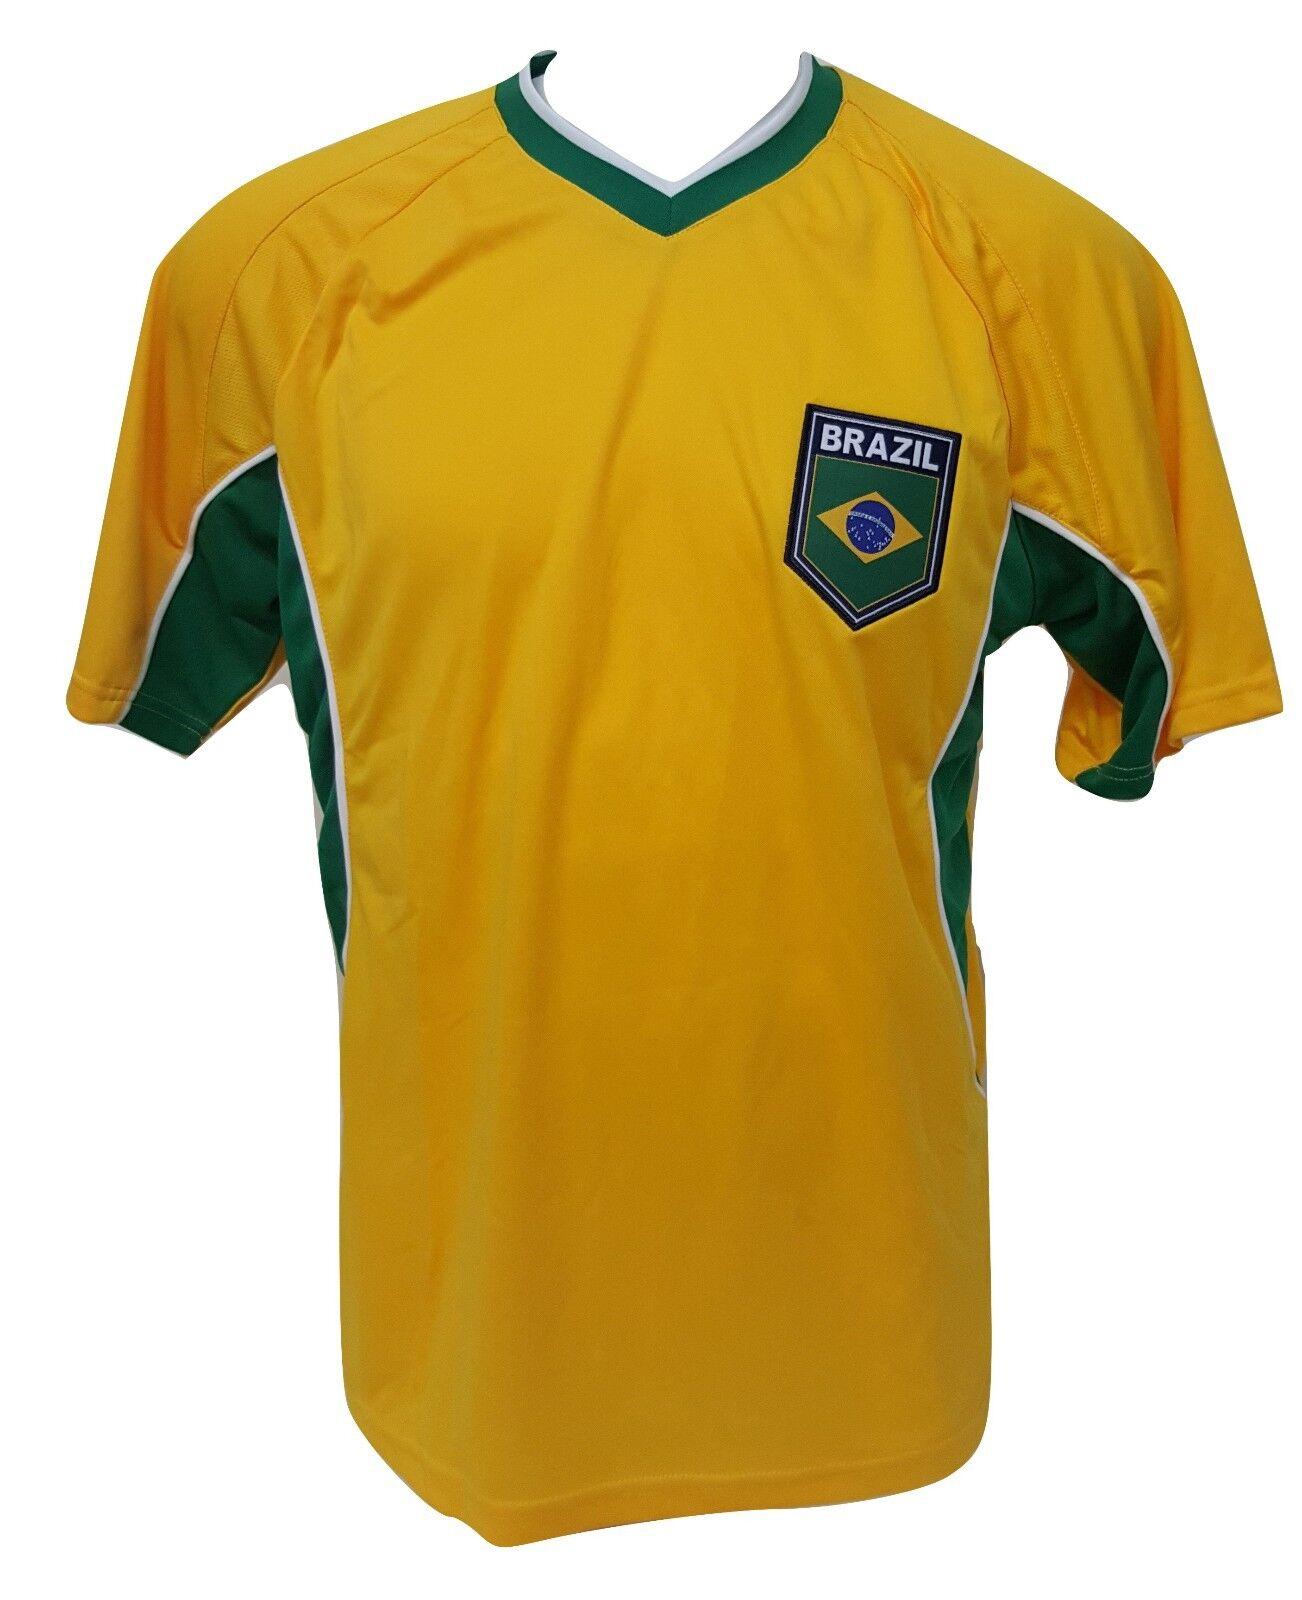 a8af31d2a87 Men s Medium Rhinox Brazil Soccer Jersey Shirt Yellow Green Spring ...